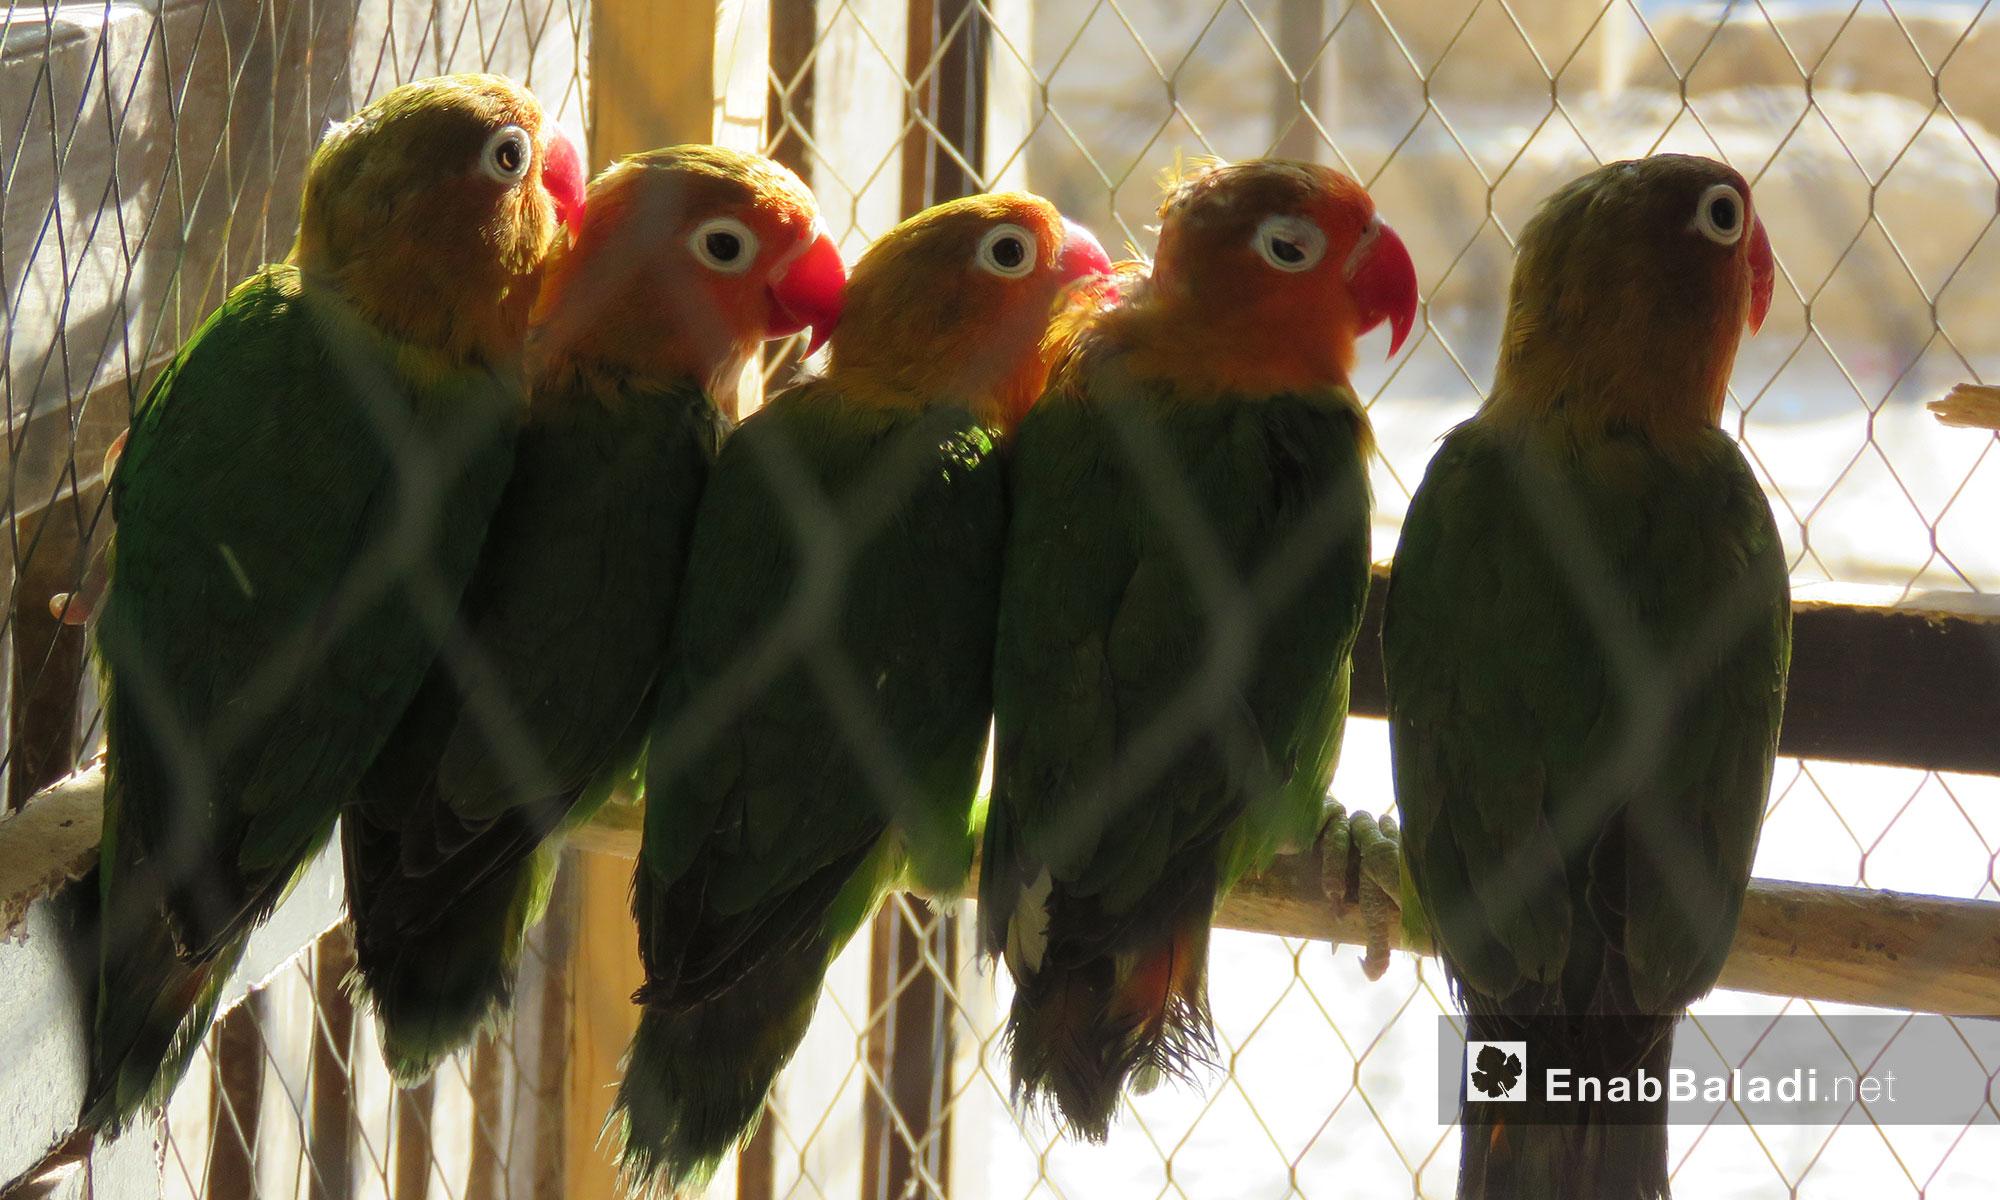 محل لبيع العصافير وجميع مستلزمات تربيتها في بلدية معرتحرمة بريف إدلب الجنوبي - 17 حزيران 2017 (عنب بلدي)